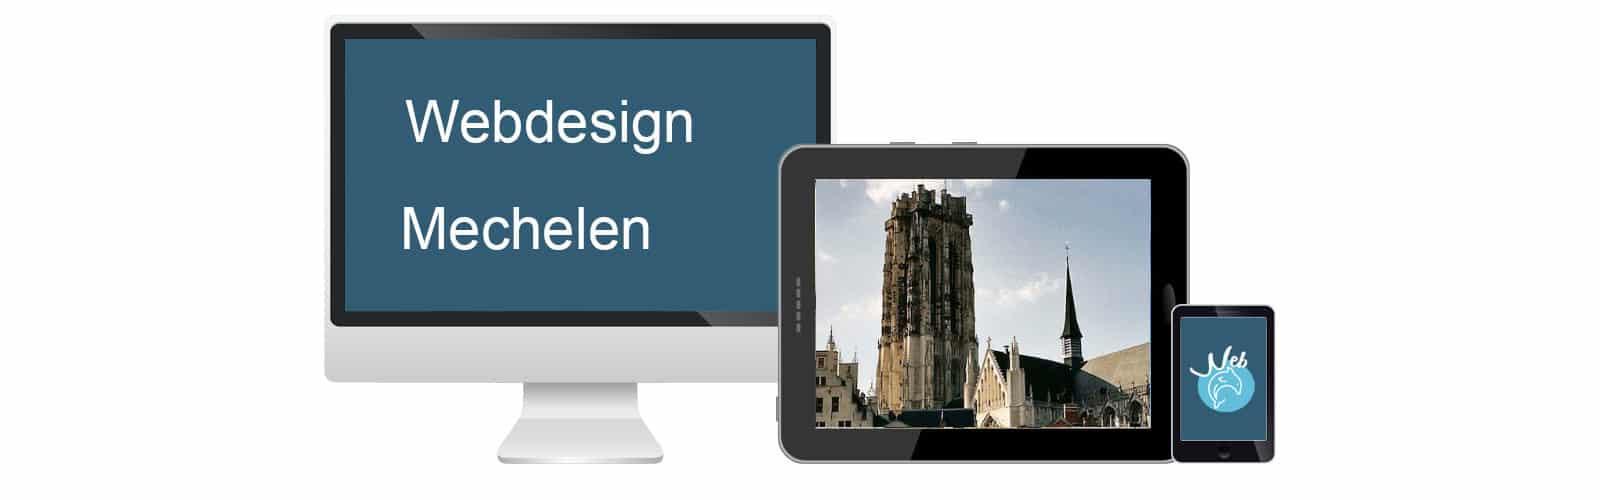 Webdesign Mechelen - webdolfijn